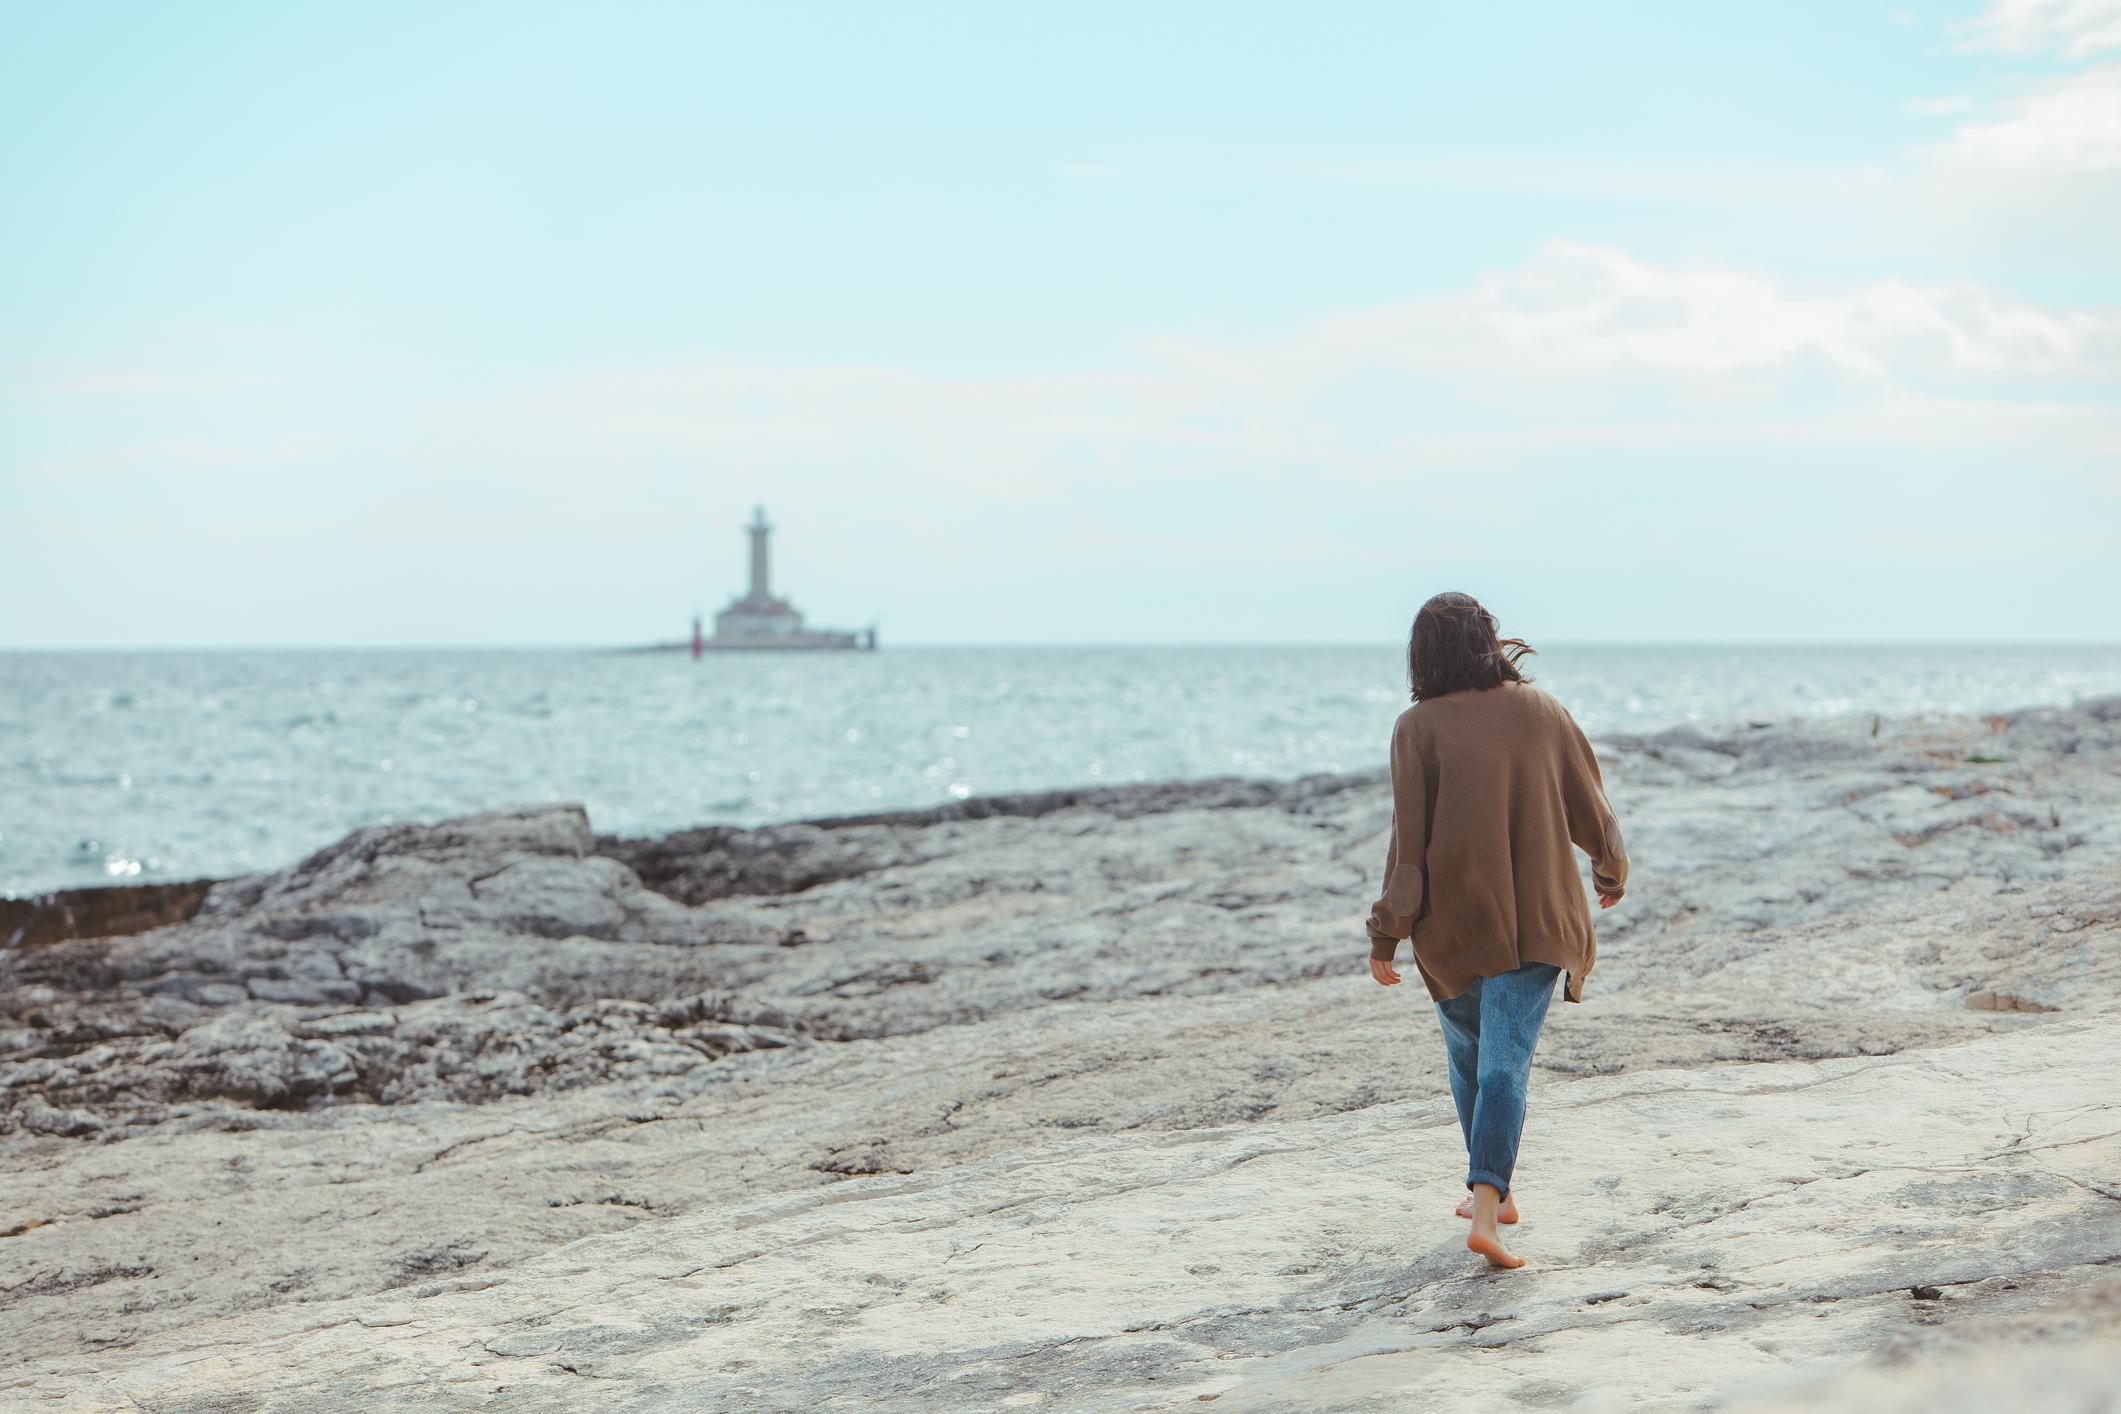 Hodajte, ne treba nam puno koraka dnevno da za sebe napravimo veliku korist, za svoje zdravlje i dugovječnost. Hodajte, bilo kada i bilo gdje.